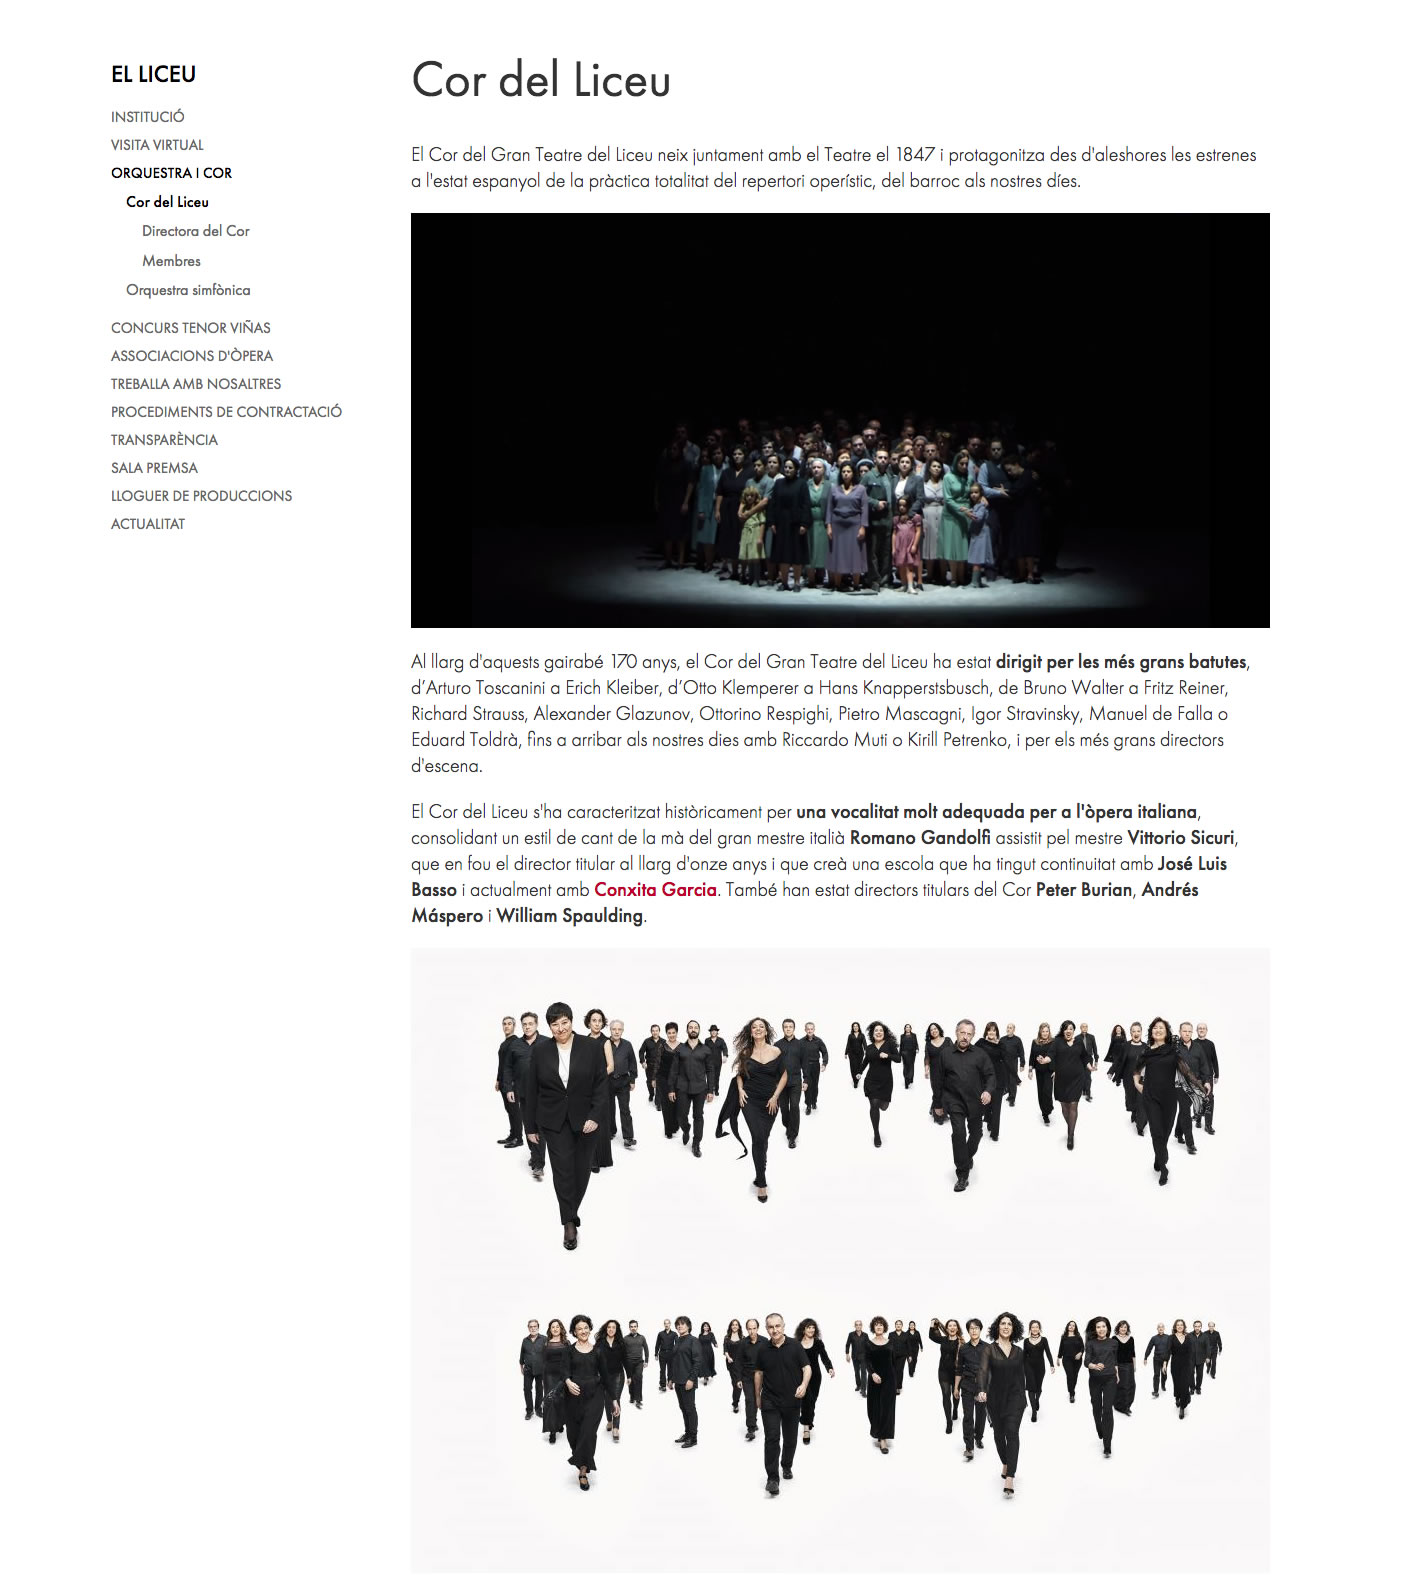 Gran Teatre del Liceu - Coro del Liceu